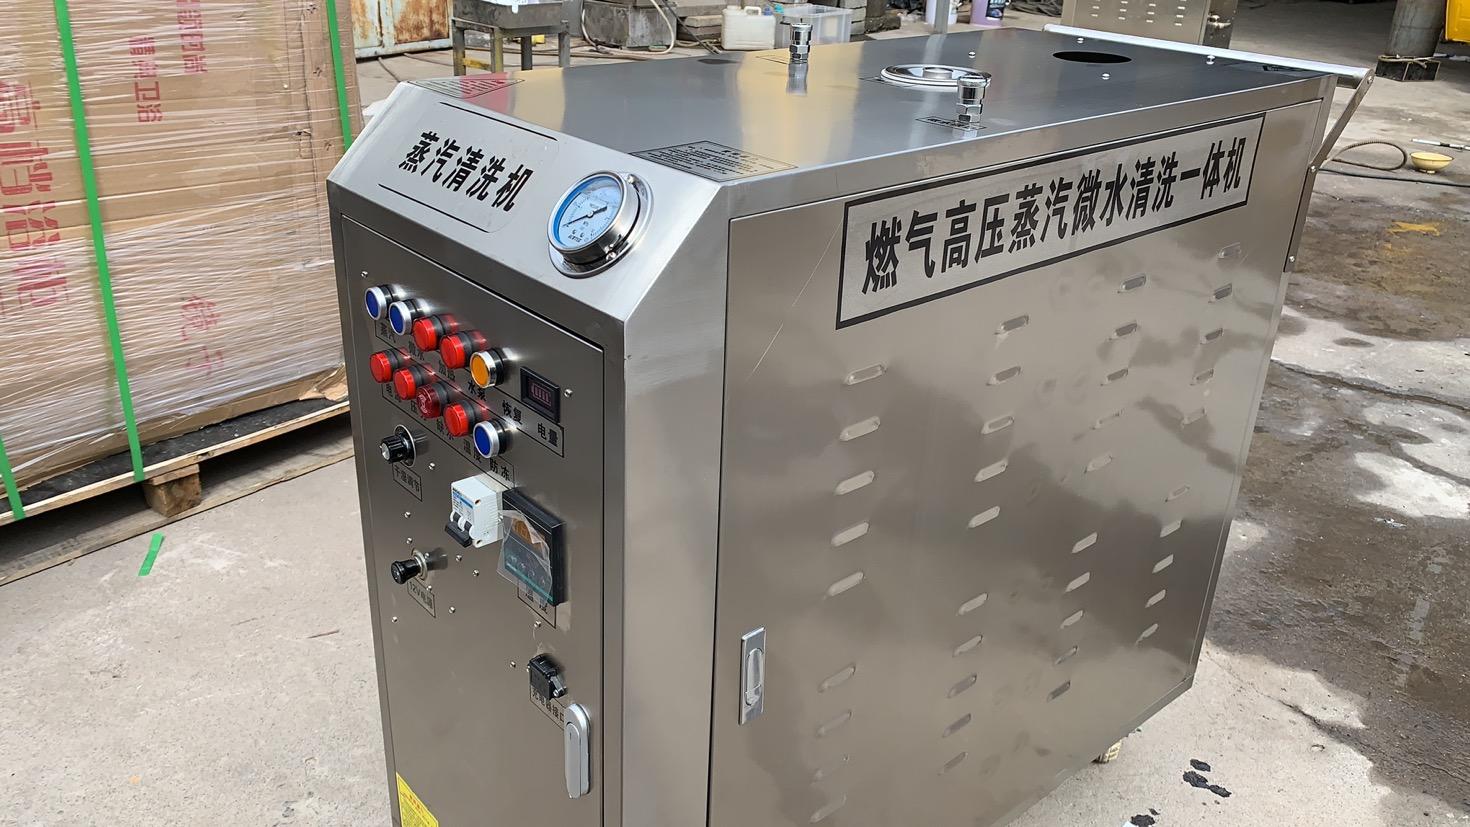 沐鸣2平台资讯燃气式蒸汽洗车机有哪些优势?